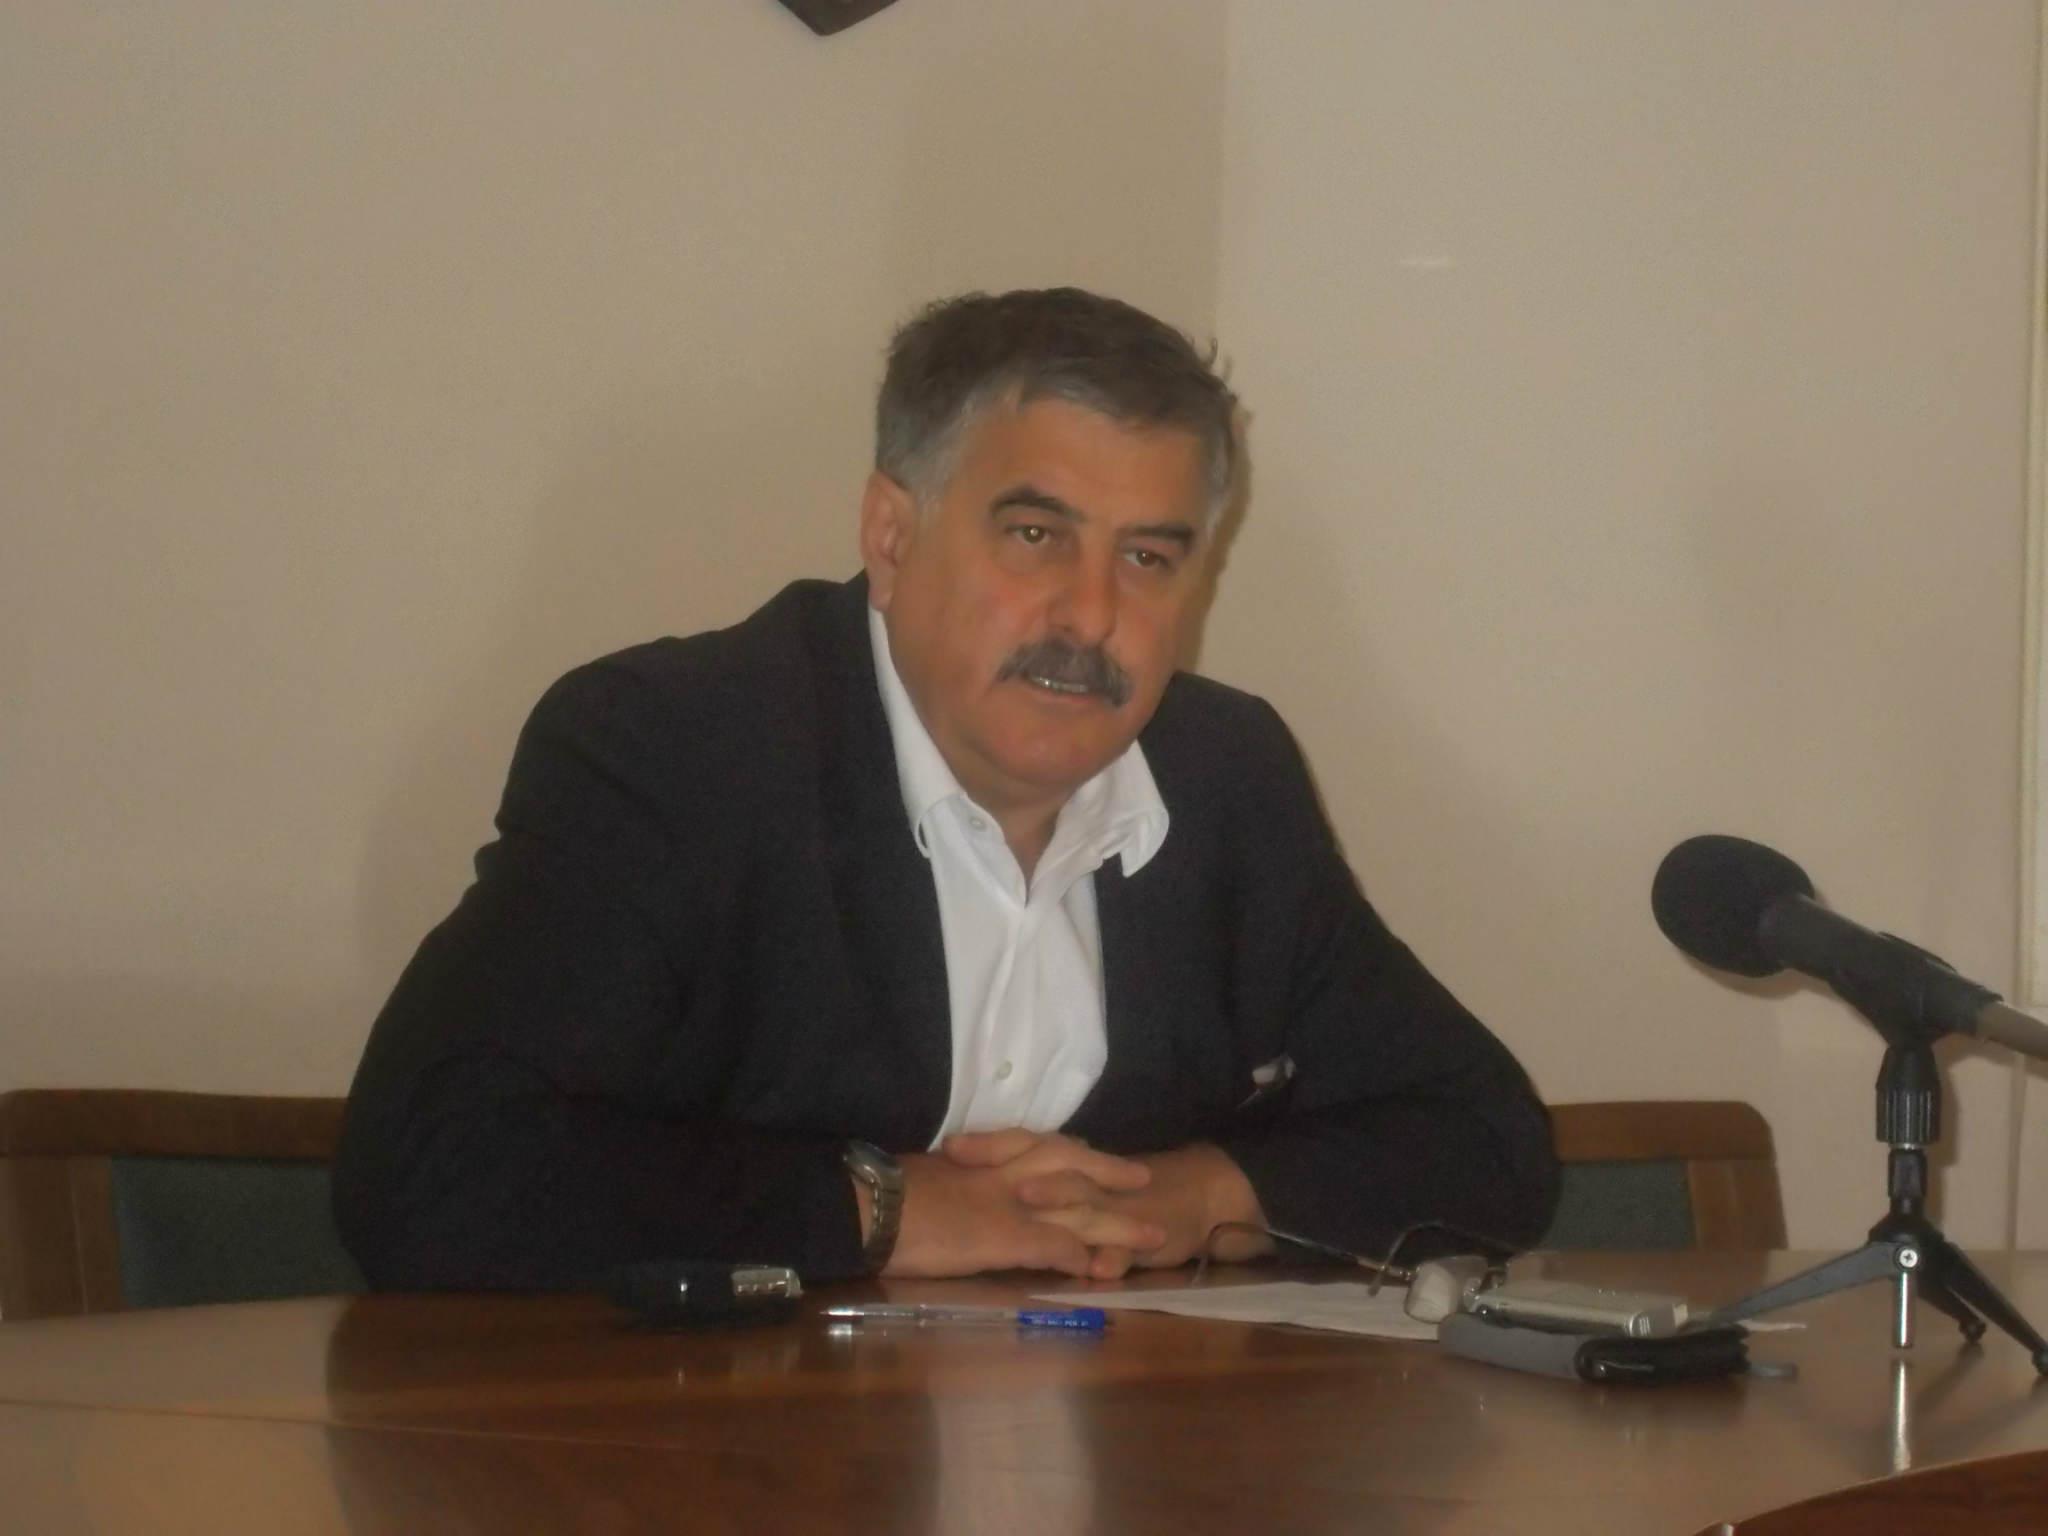 Vlada že dolgo ne dela več v prid skladnemu regionalnemu razvoju (s tiskovne konference župana Alojza Soka):